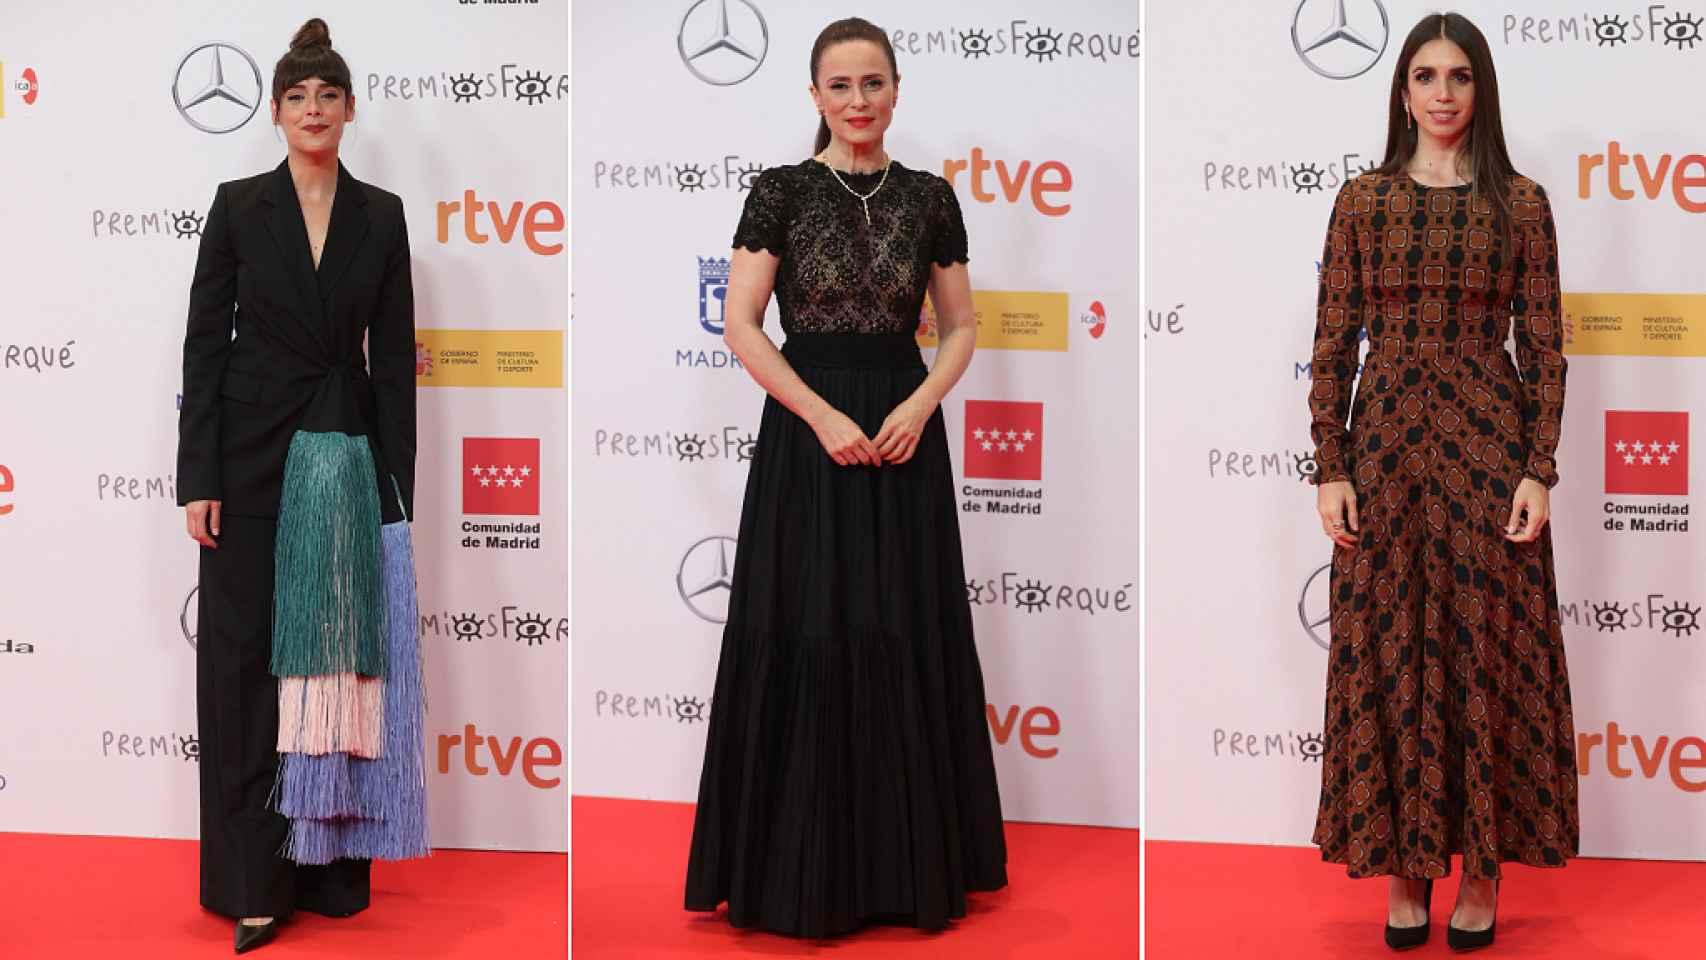 Belén Cuesta, Aitana Sánchez Gijón y Elena Furiase, en los premios Forqué 2021.